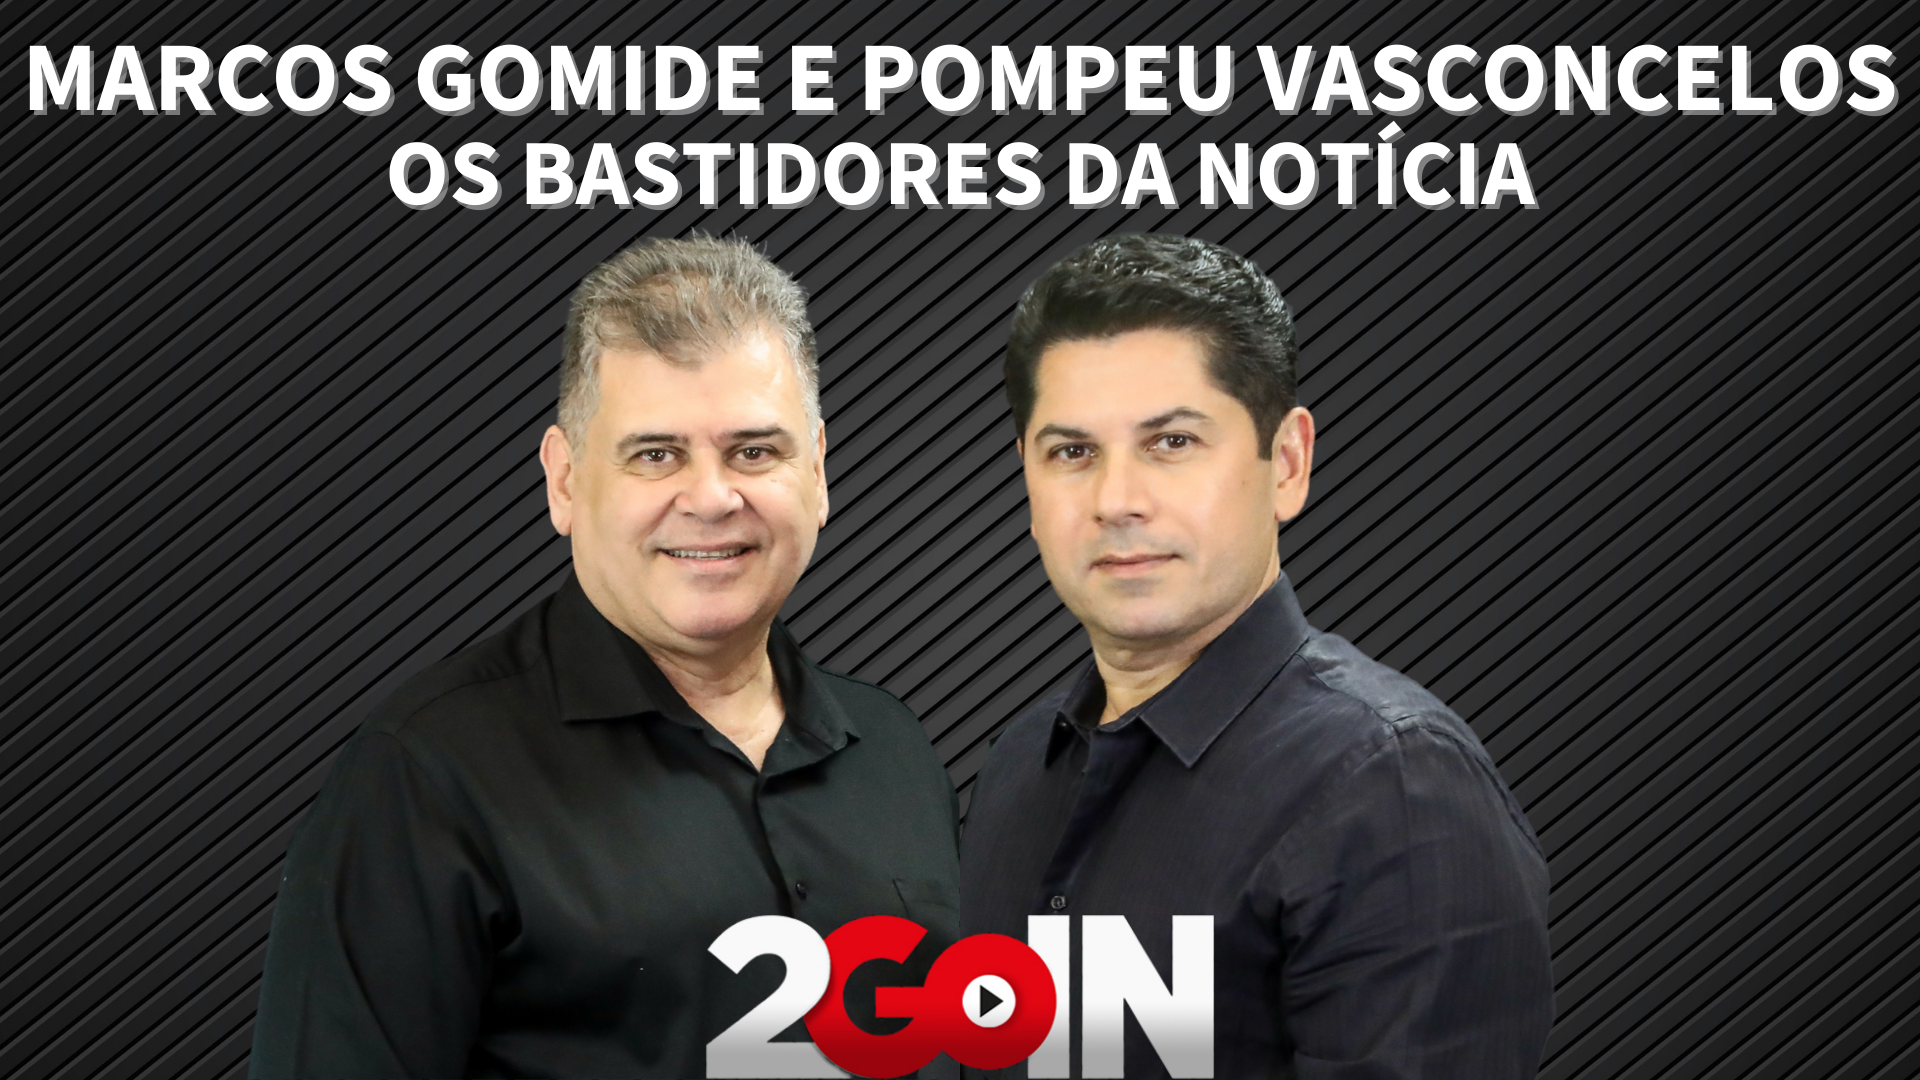 Os bastidores da notícia com Pompeu Vasconcelos e Marcos Gomide